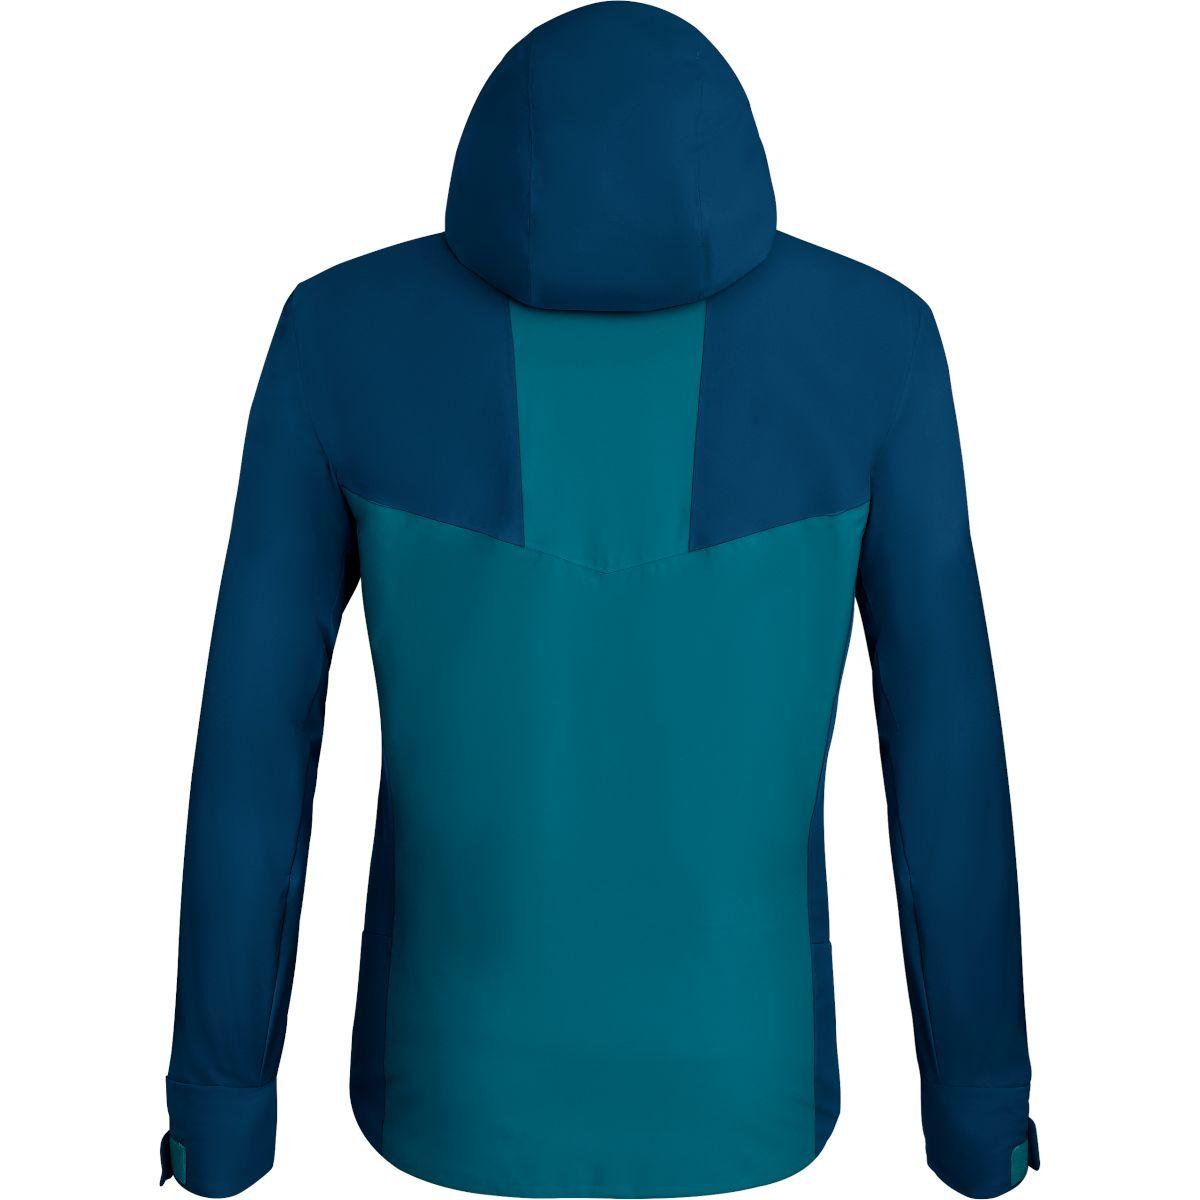 Куртка Salewa Antelao Beltovo 2 Powertex/Primaloft Mns Jacket